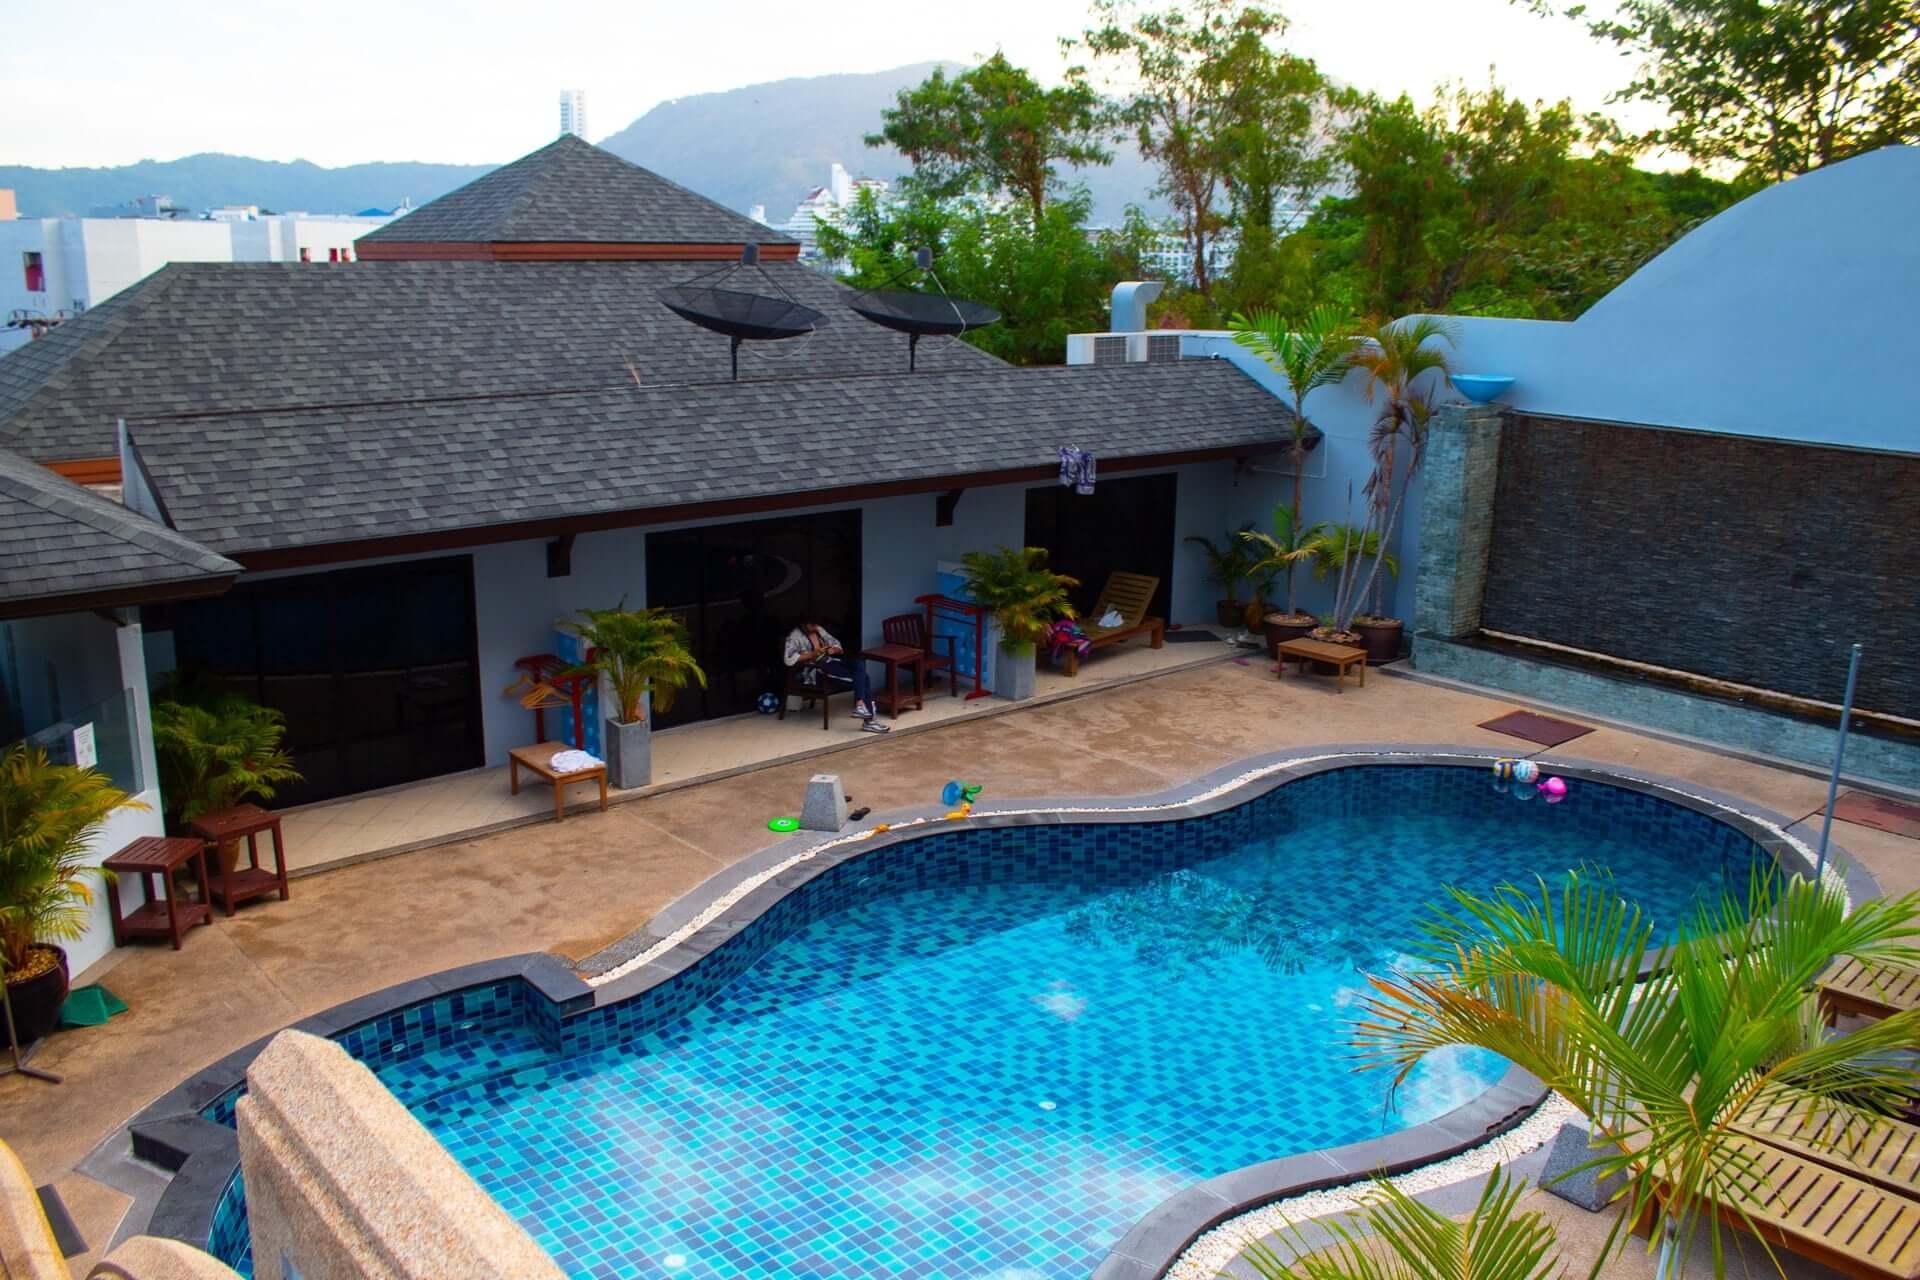 Swimming Pool Types